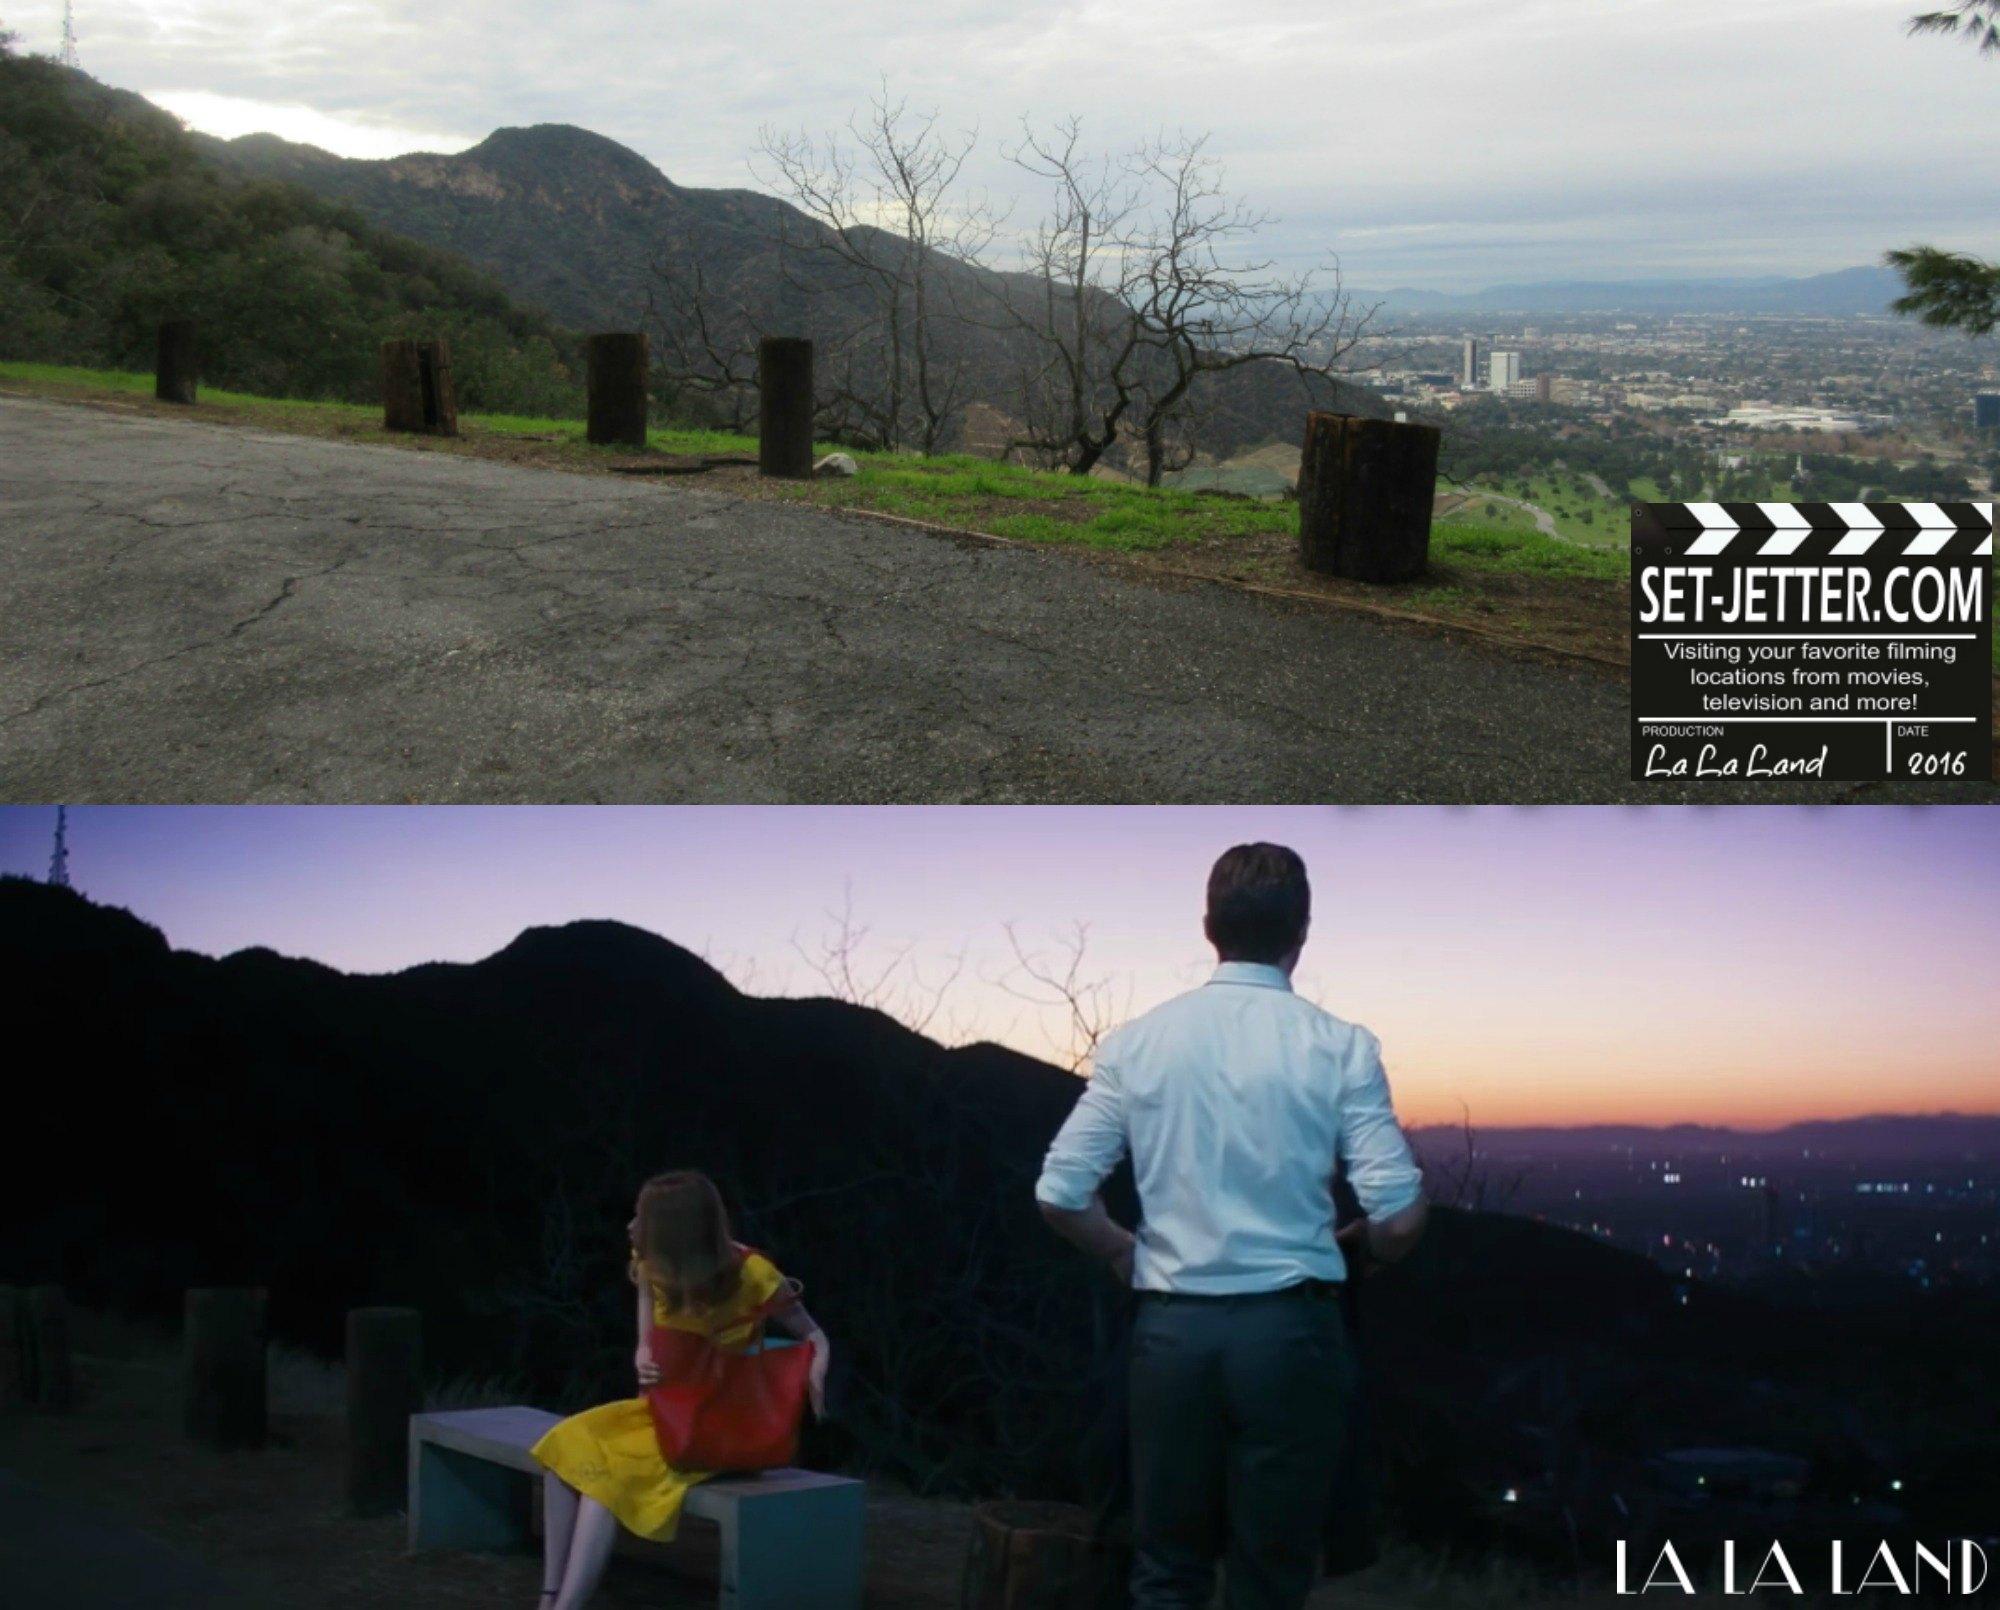 La La Land comparison 19.jpg